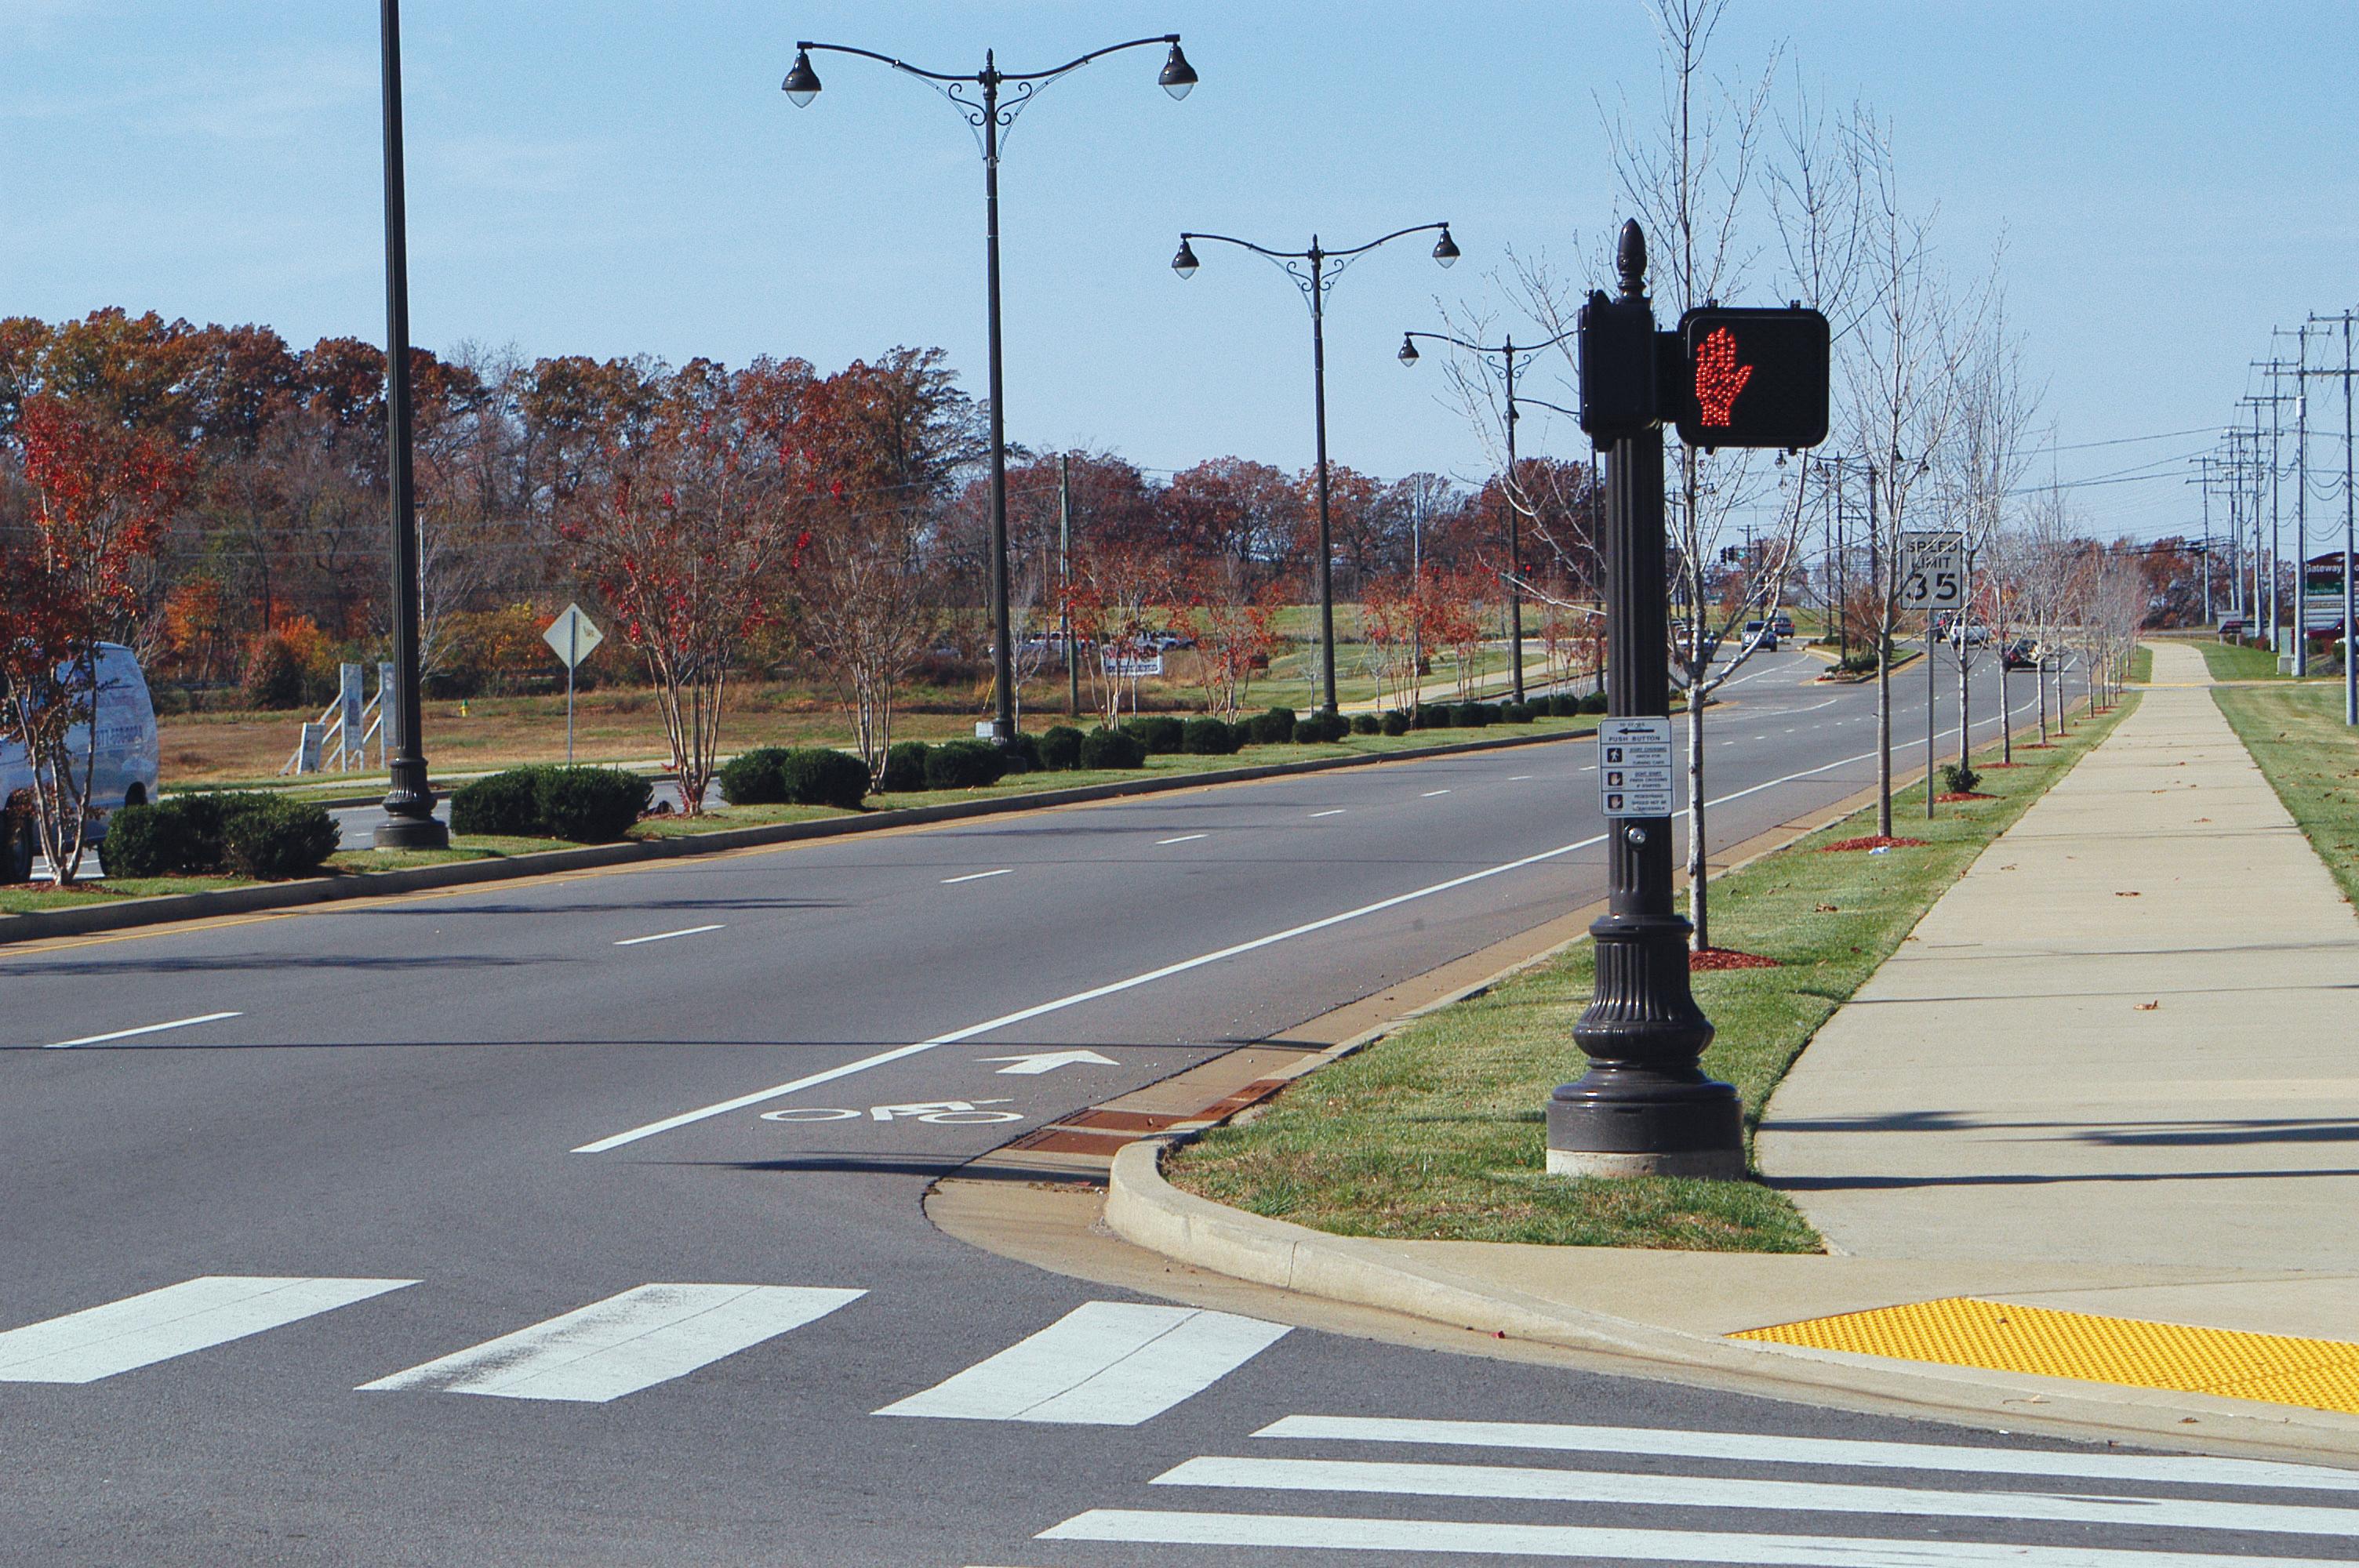 Dunlop Ln Clarksville, TN